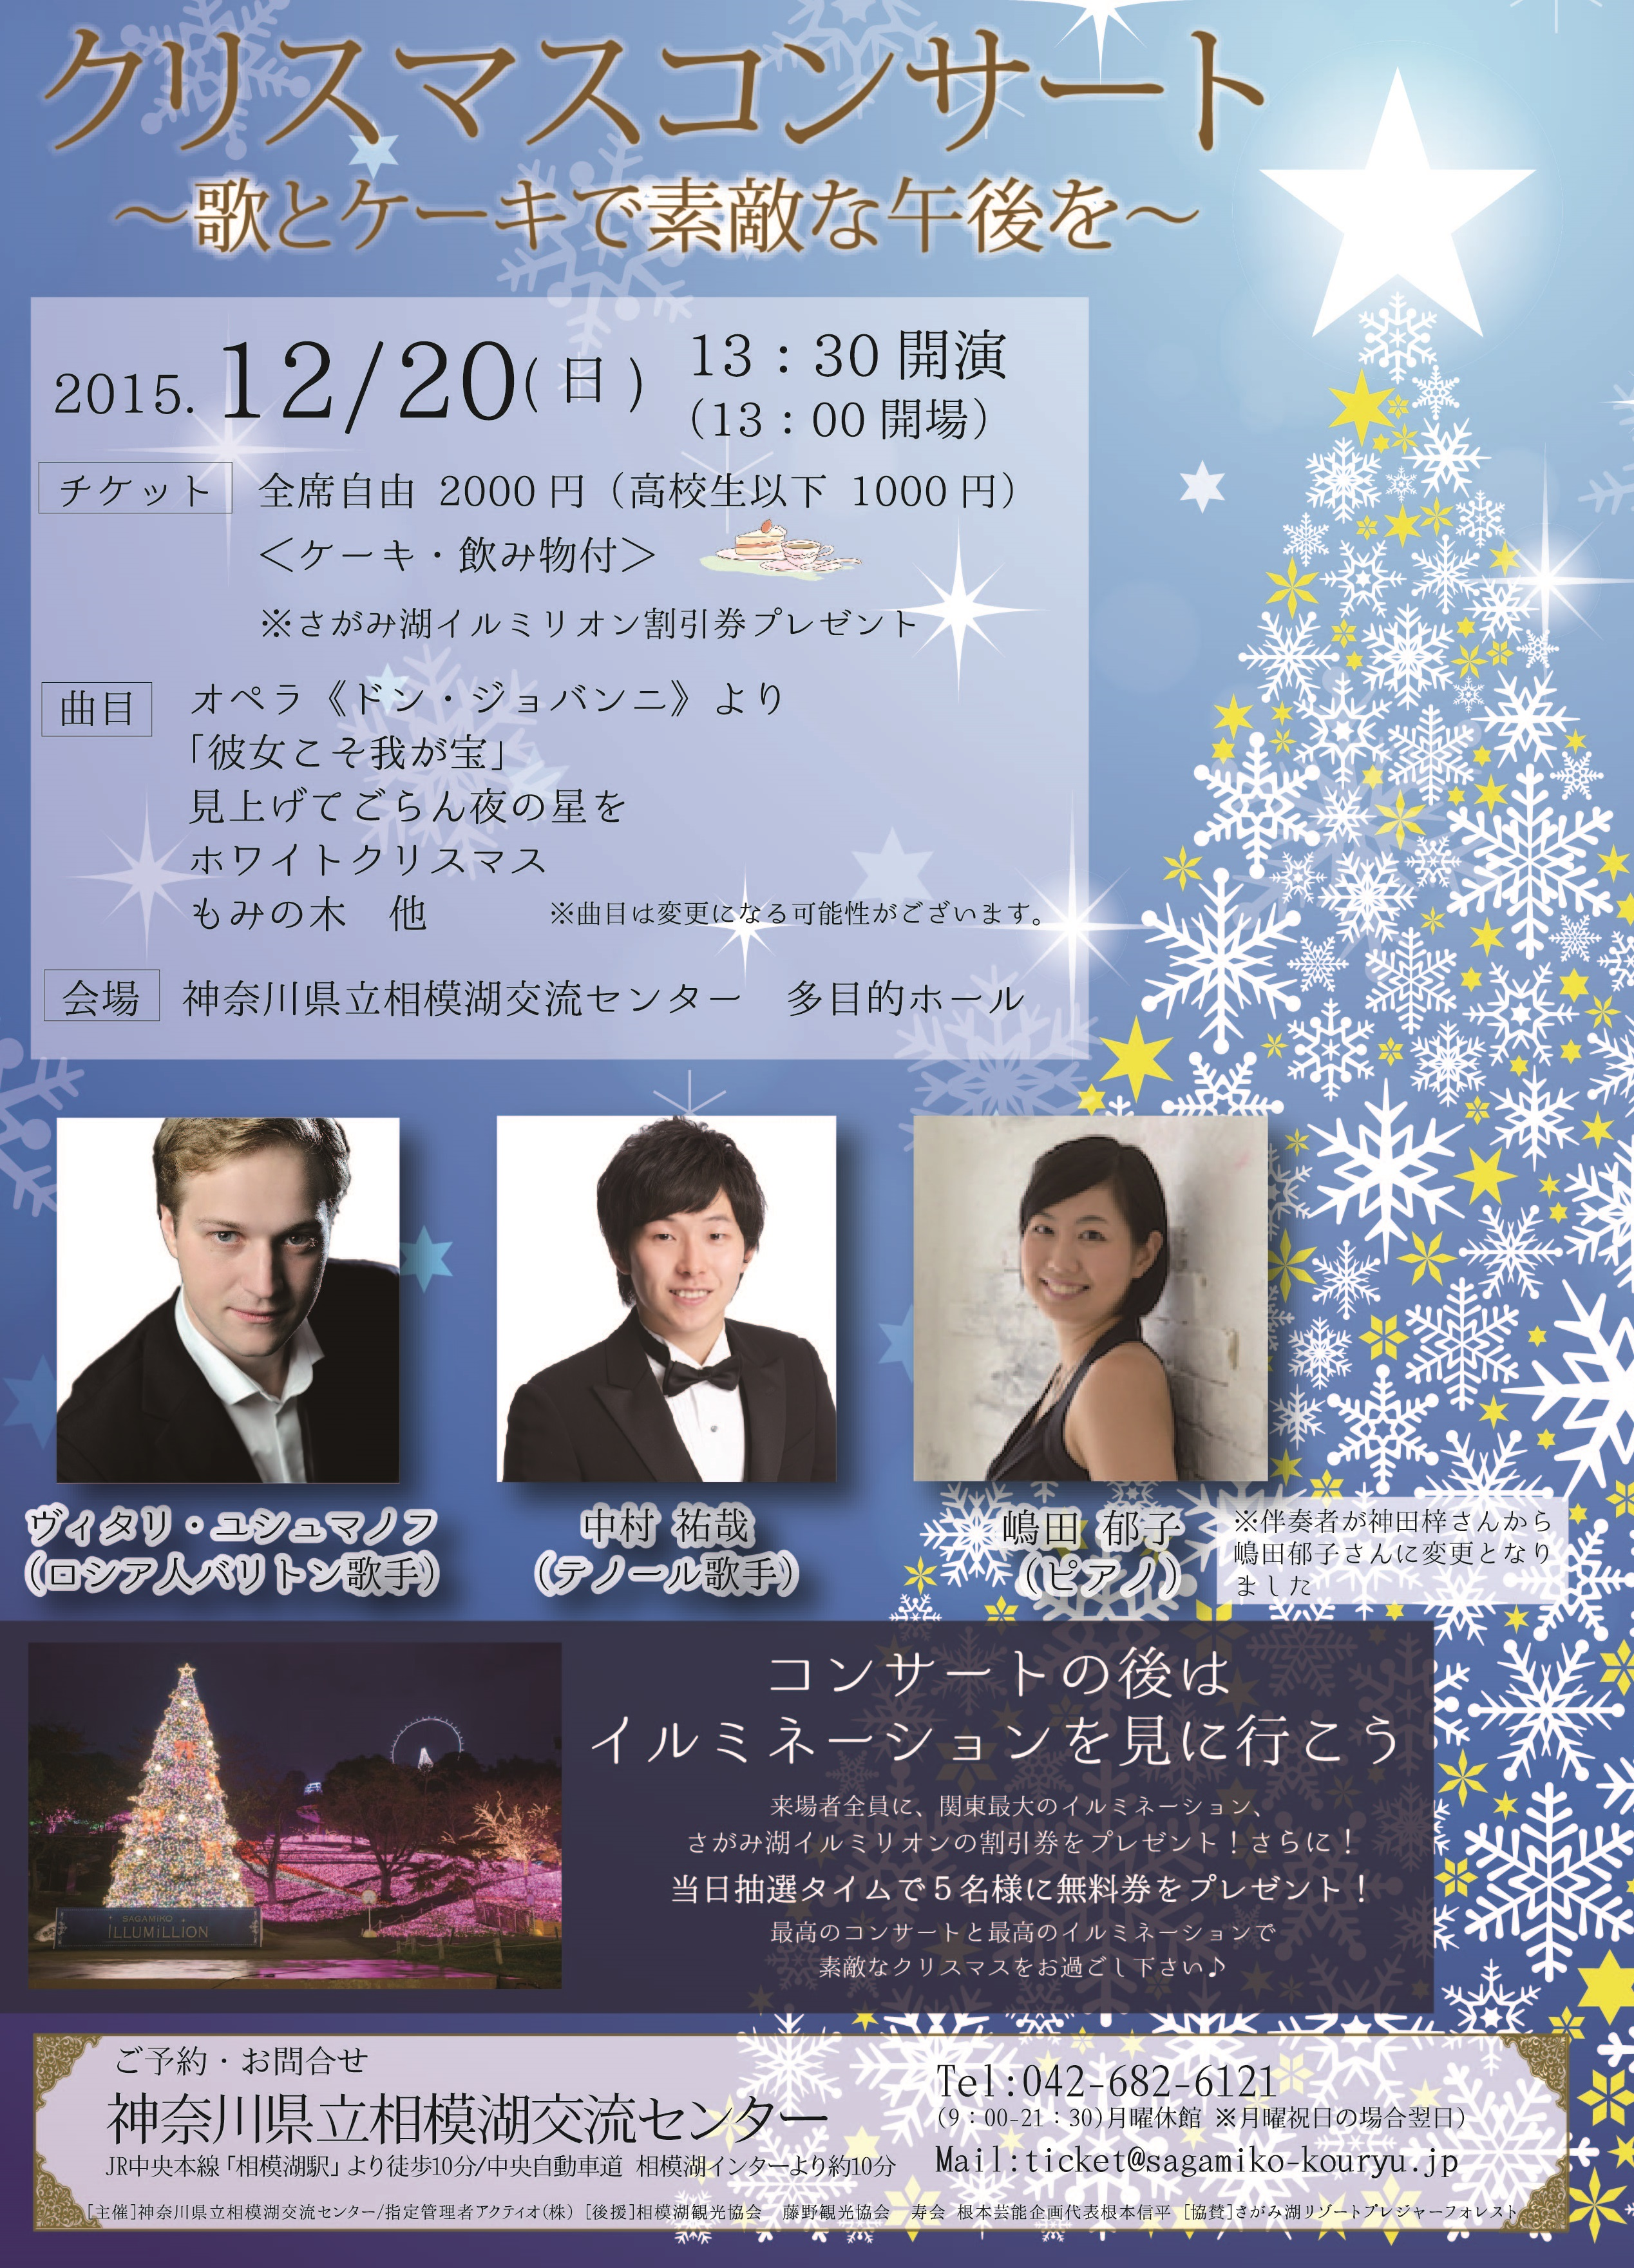 クリスマスコンサート~歌とケーキで素敵な午後を~